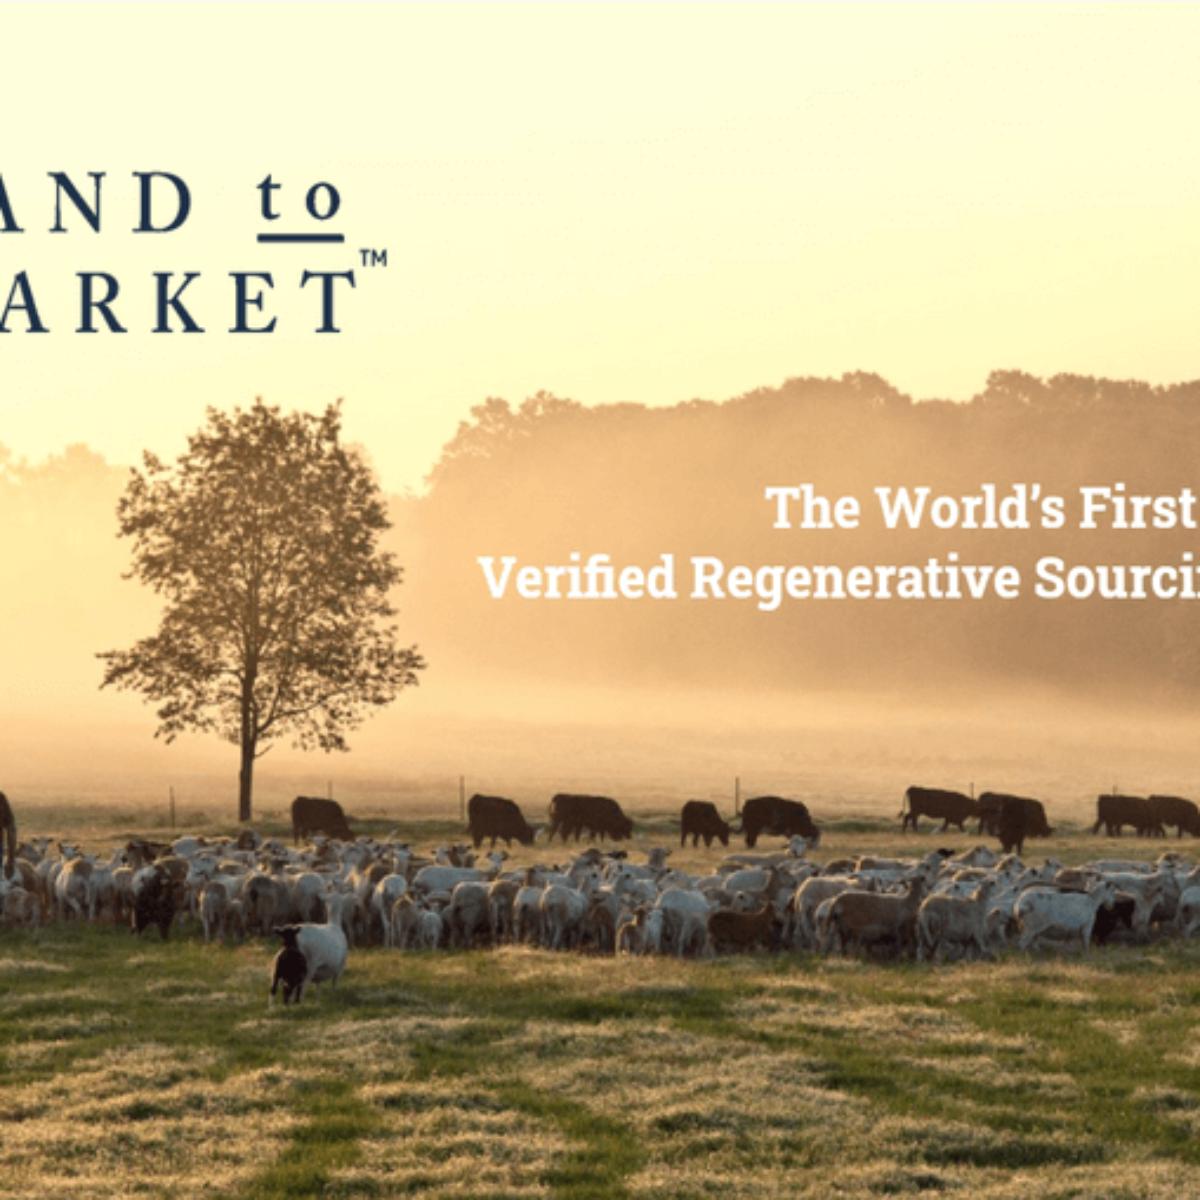 Land to Market New Zealand